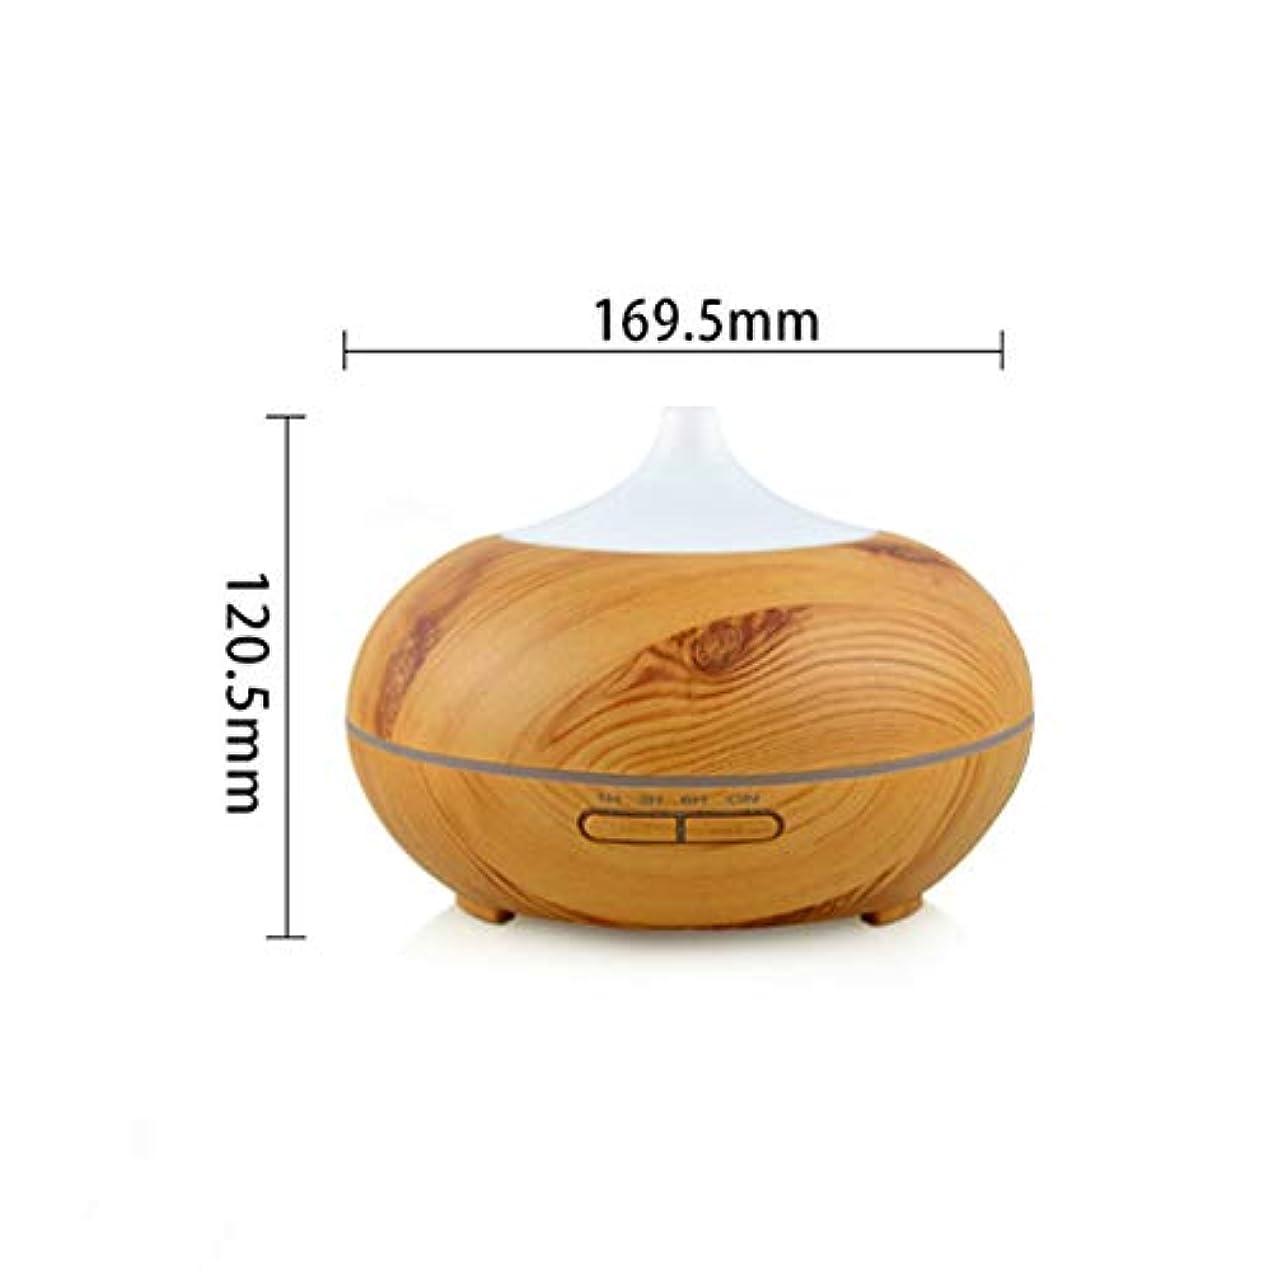 めんどりお風呂を持っているコンサート木目 涼しい霧 加湿器,7 色 空気を浄化 加湿機 時間 手動 Wifiアプリコントロール 精油 ディフューザー アロマネブライザー Yoga- 300ml